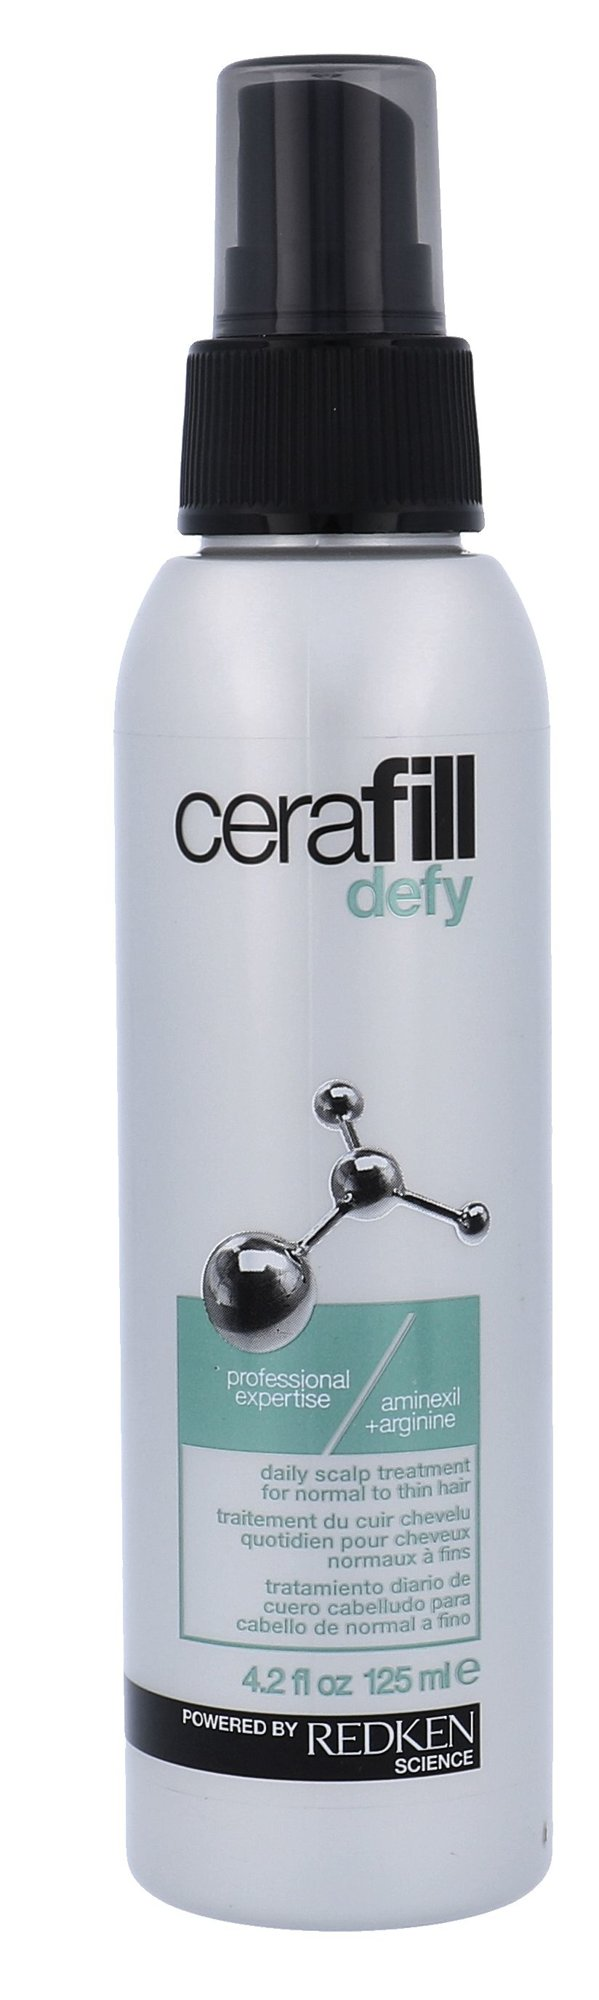 Redken Cerafill Defy Cosmetic 125ml